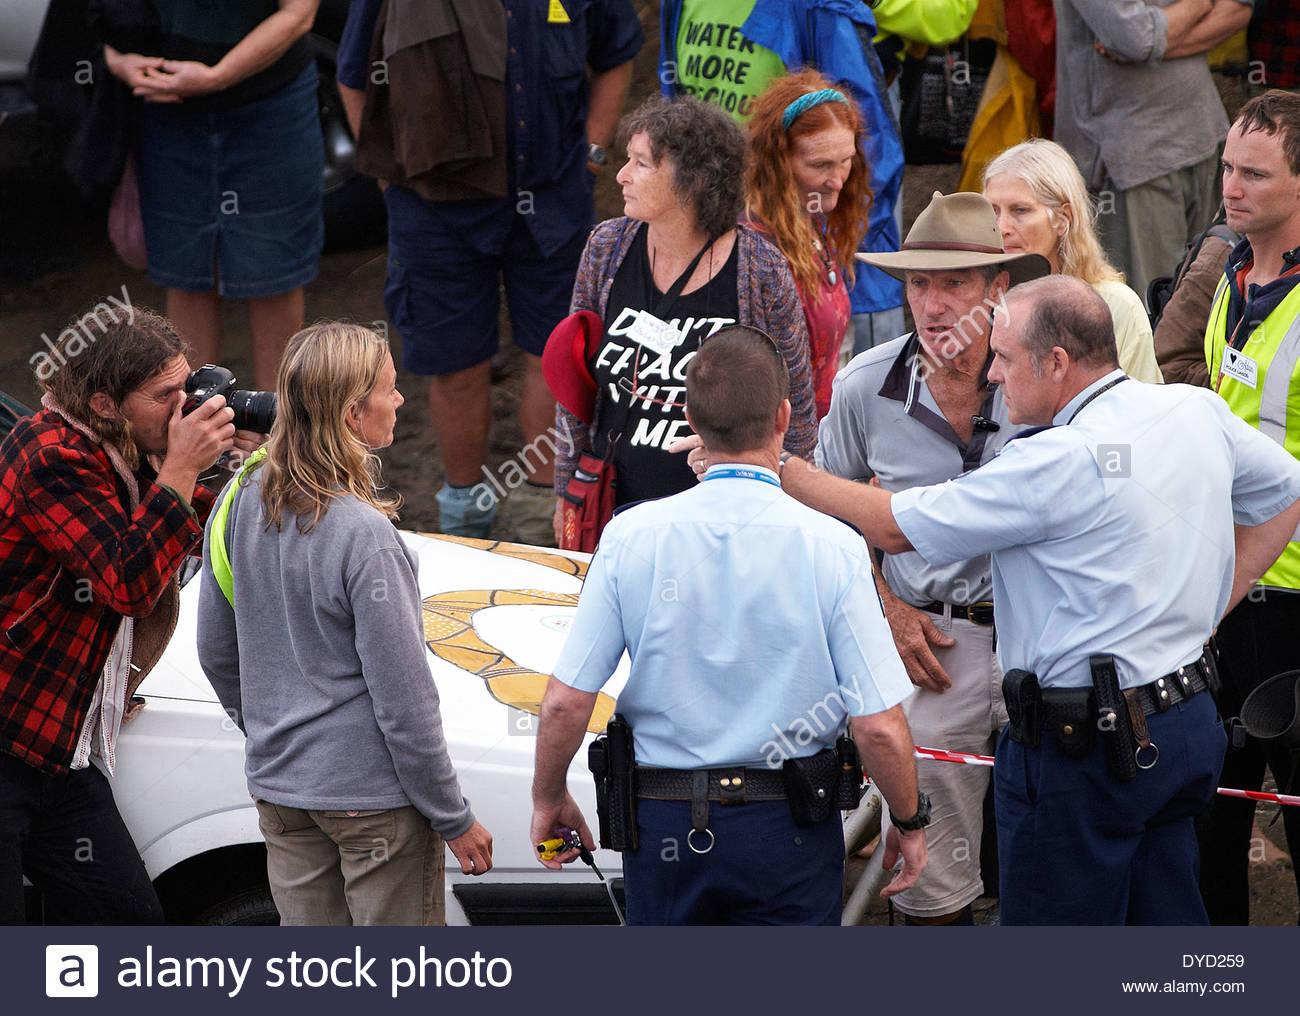 La tensión aumenta cuando la policía discutir protocolo con bloqueo de Bentley líderes de la protesta, fotógrafos y representantes; en Bentley, NSW, Australia. Imagen De Stock